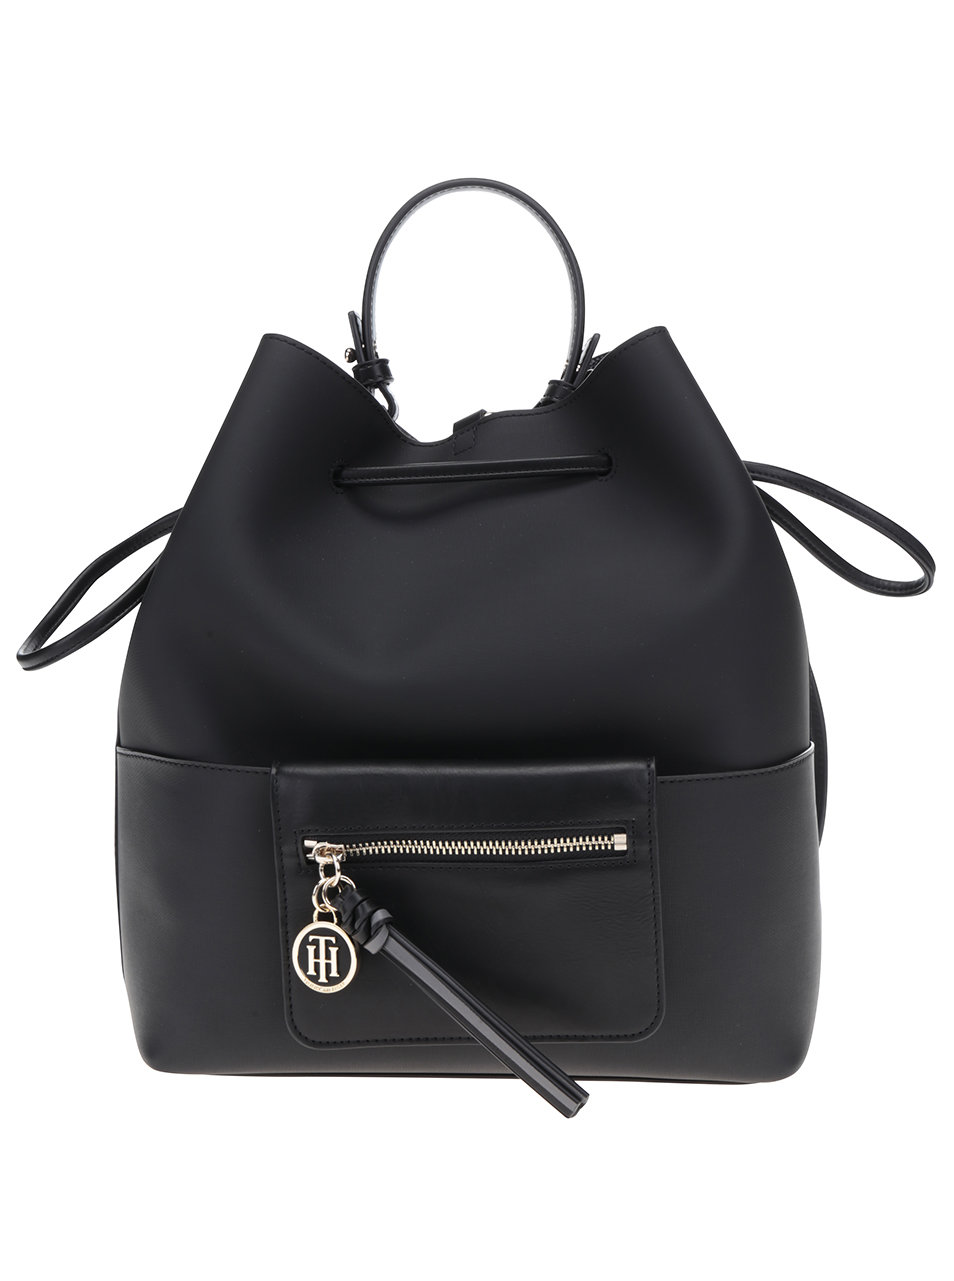 04f3621ed4 Černý dámský batoh kabelka Tommy Hilfiger ...